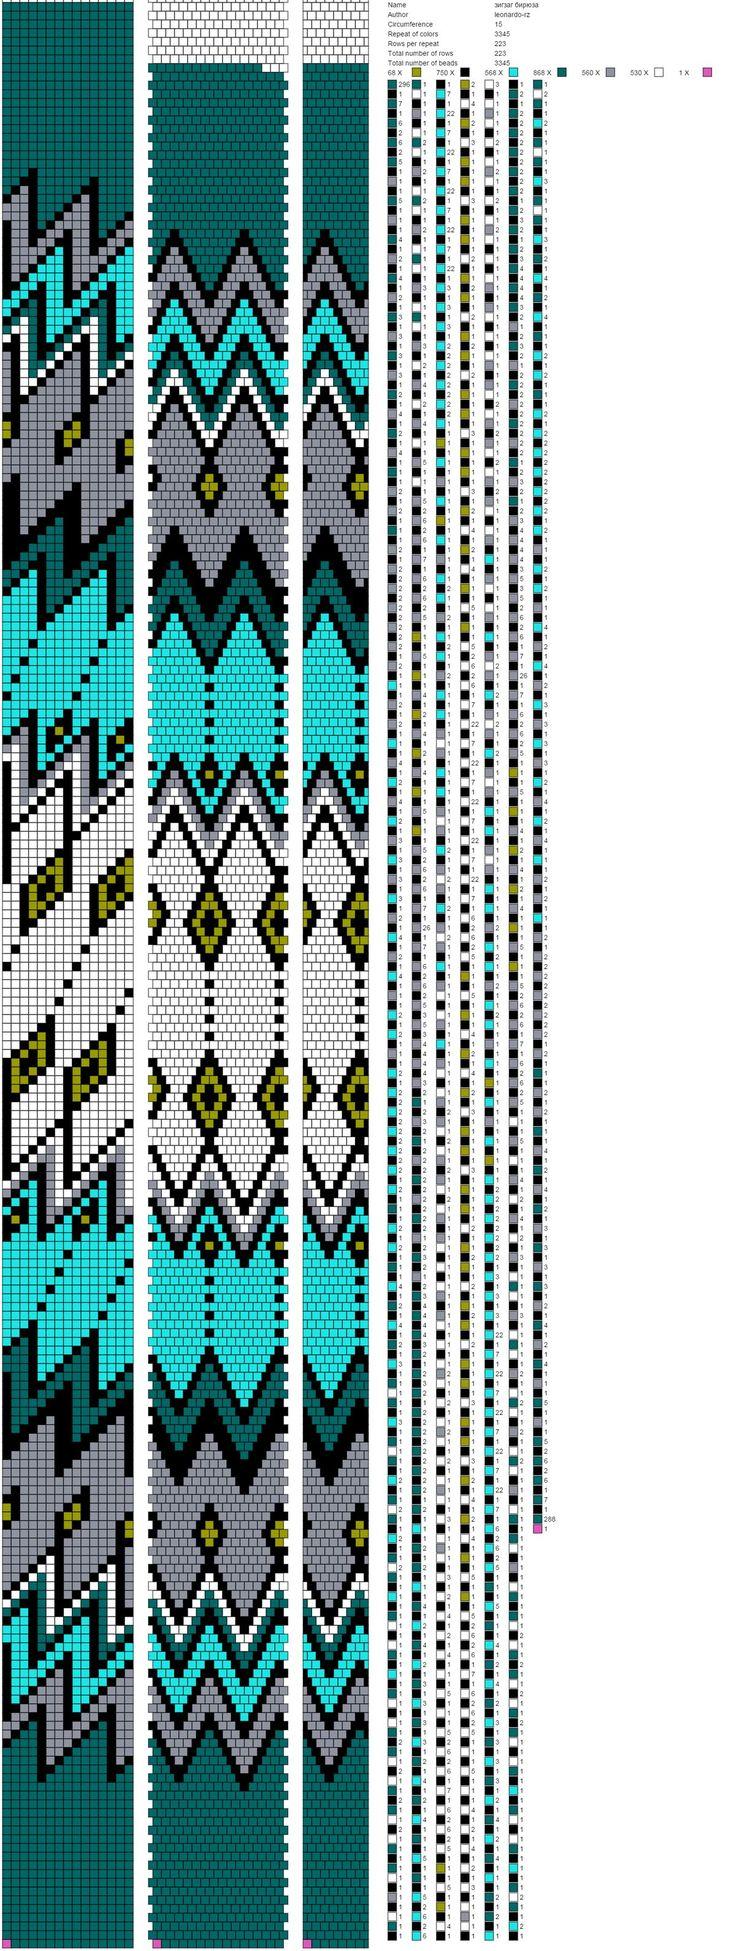 16f00eb68a4288b44f28310ee4f84b1b.jpg 1'200×3'181 Pixel